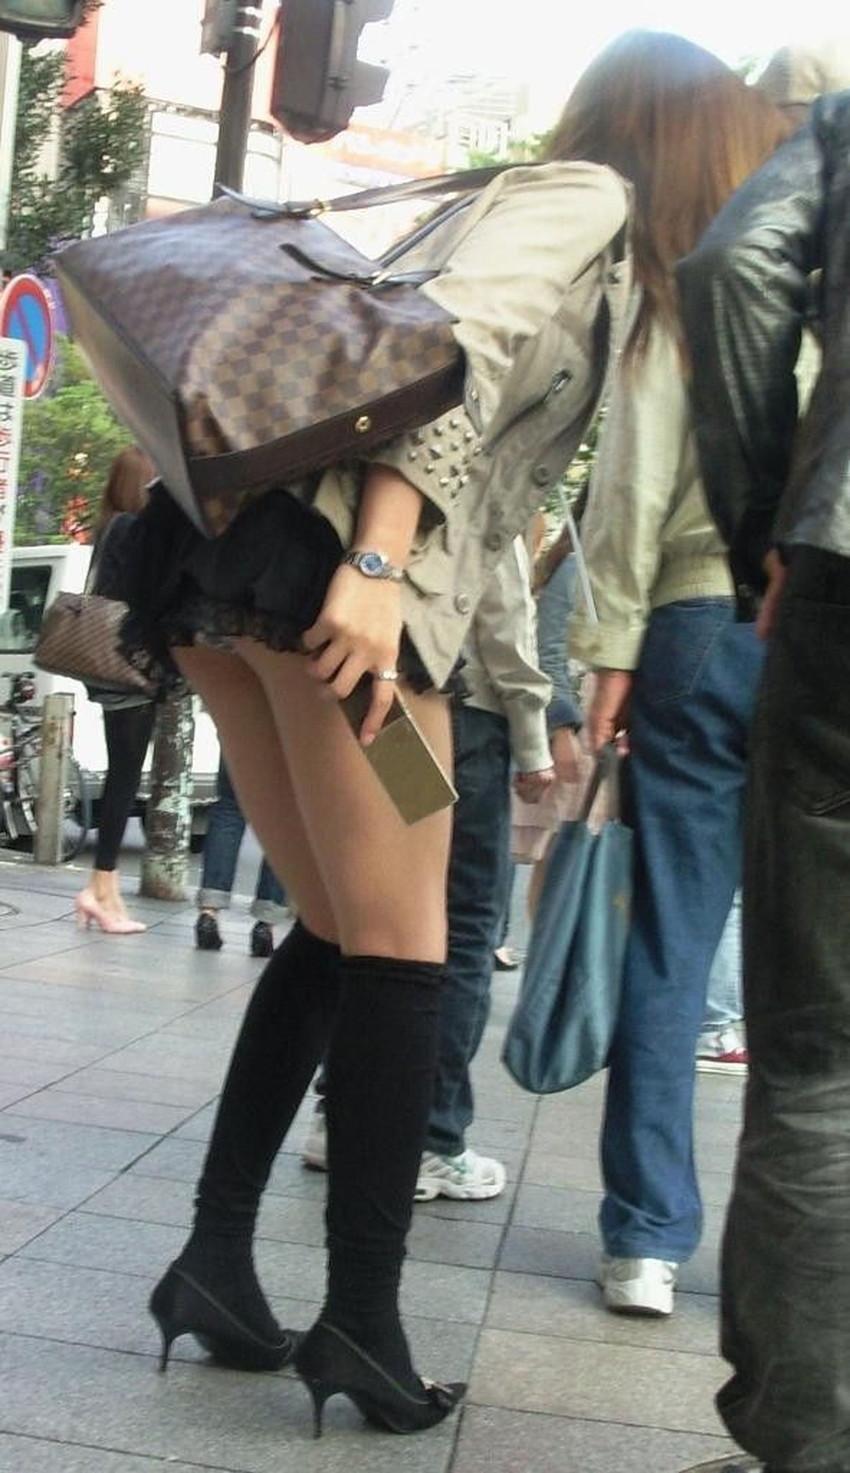 【街撮りエロ画像】街に出掛けて素人女子の胸チラやパンチラ、パイスラや透けパンを盗撮しまくる街撮りのエロ画像集!ww【80枚】 40